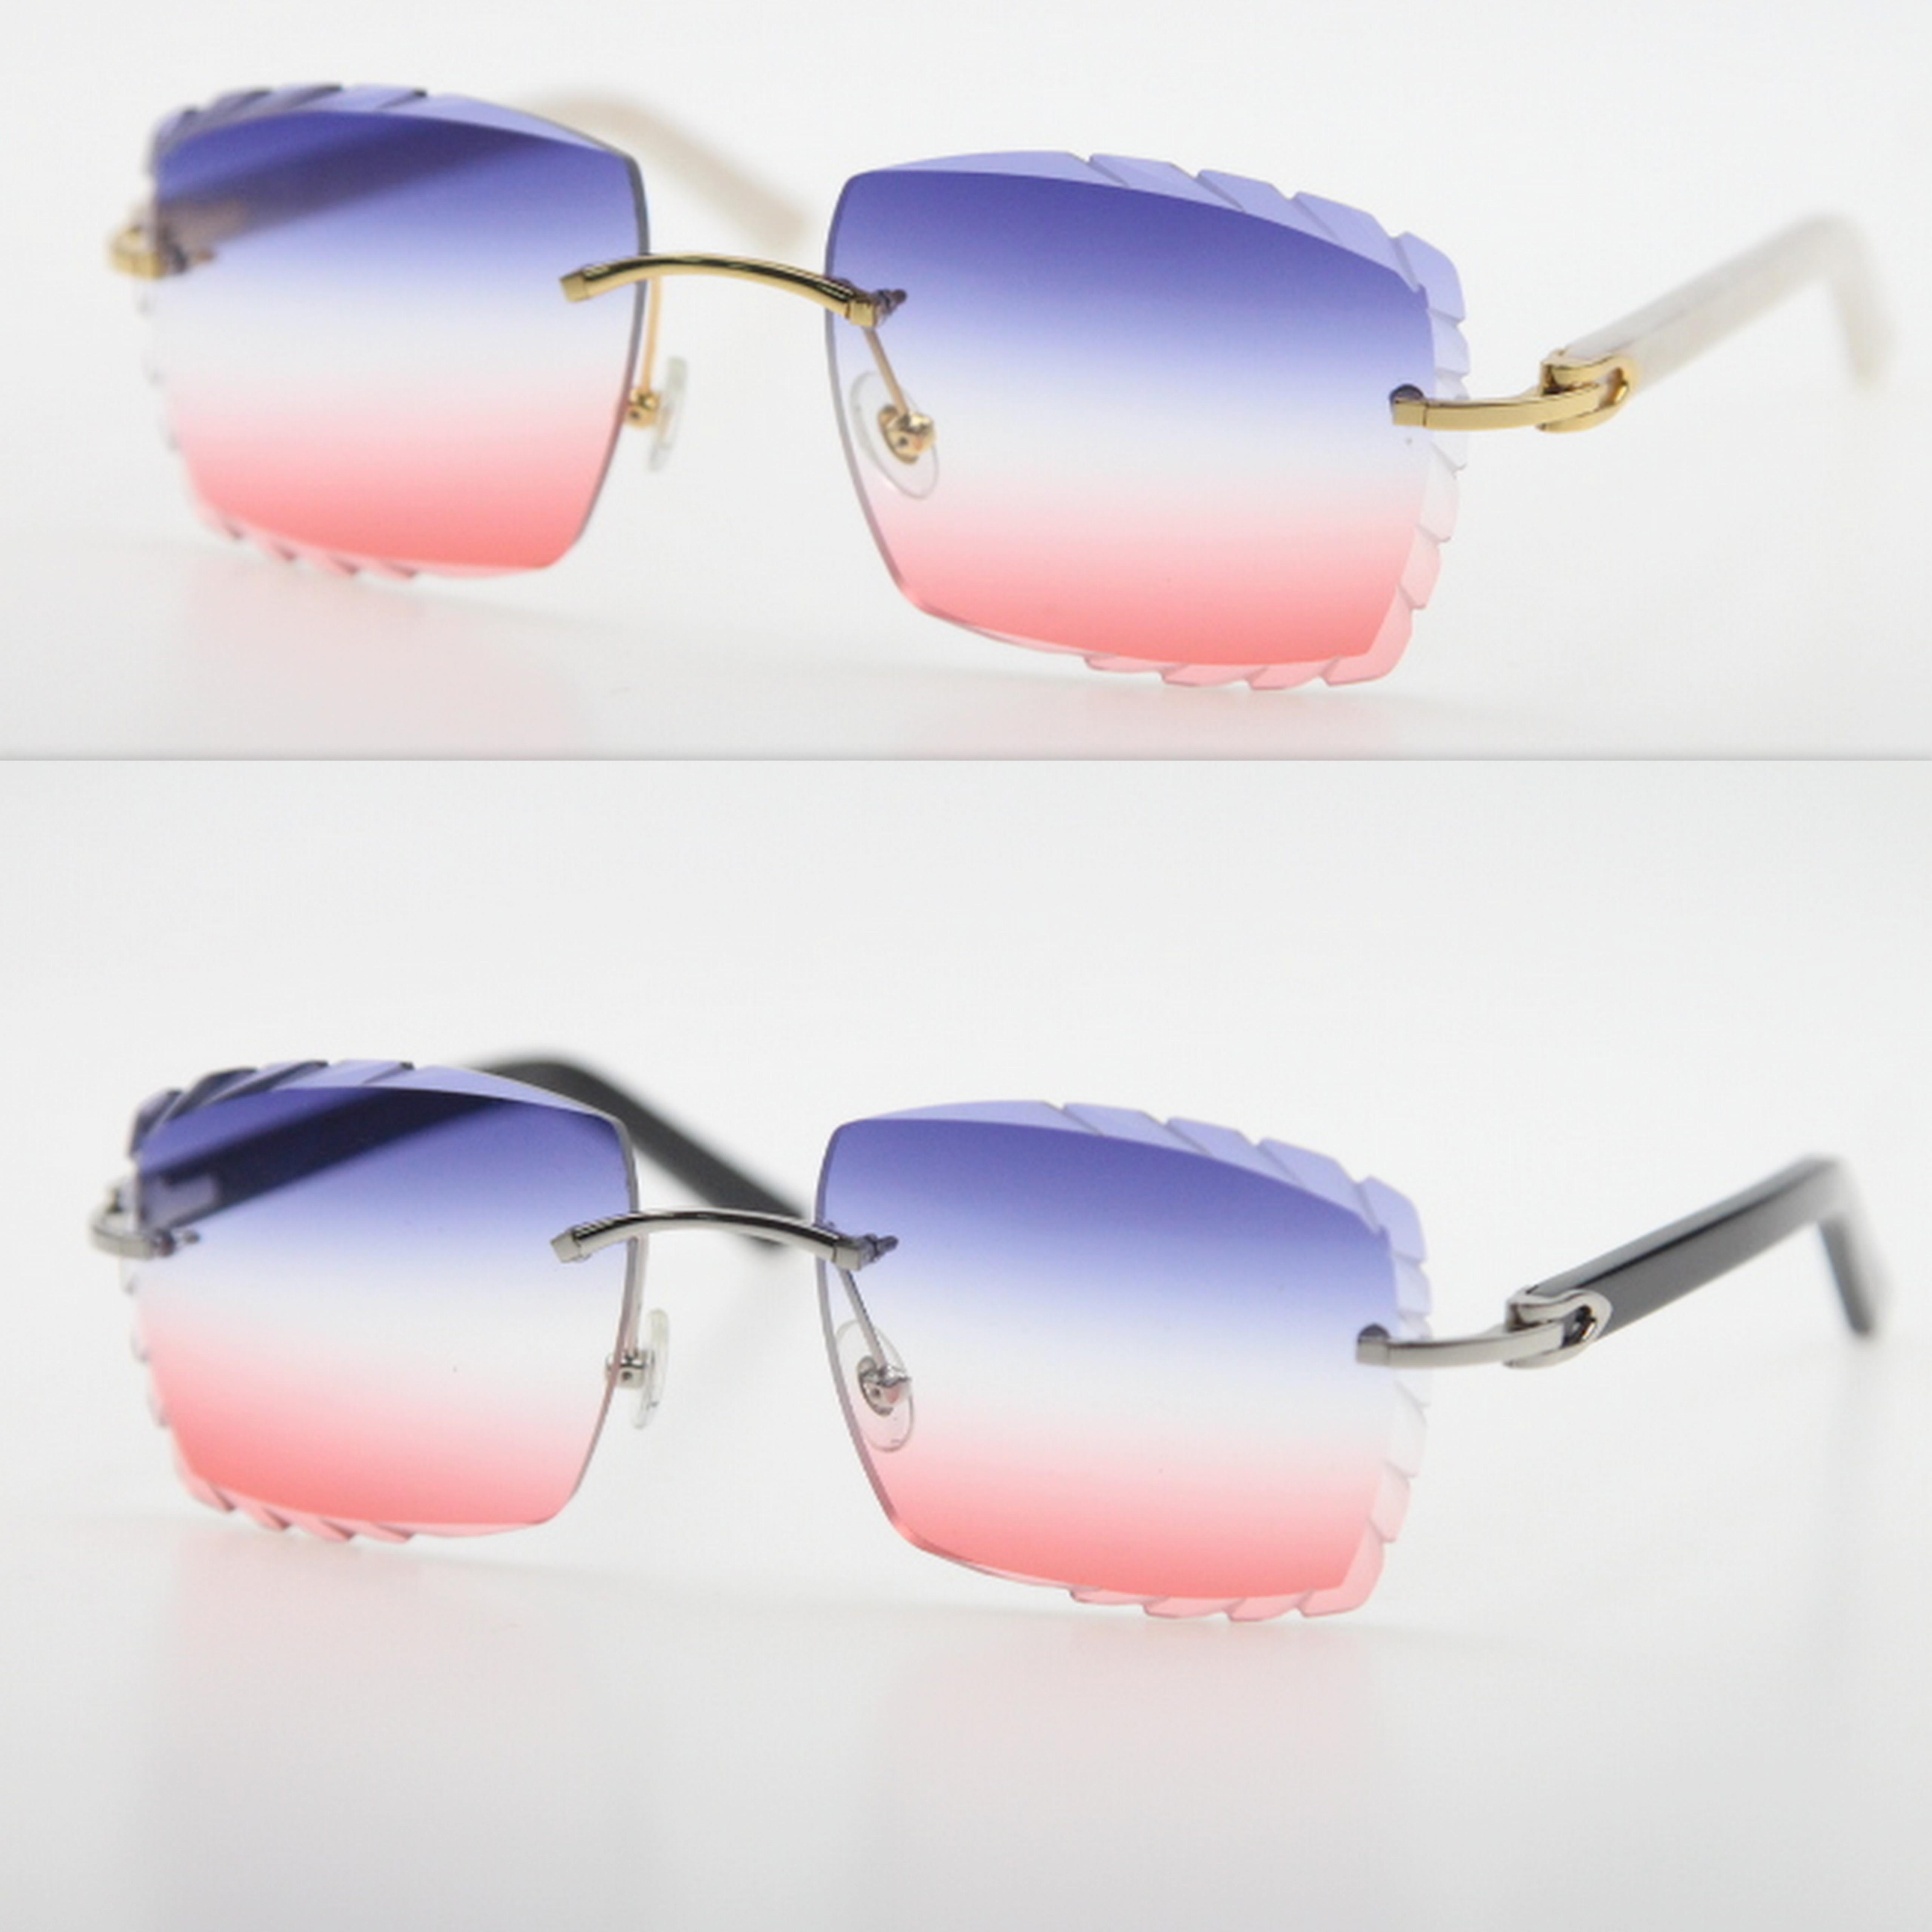 도매 판매 Unisex Rimless 판자 금속 남자 선글라스 18K 골드 대형 스퀘어 태양 안경 프레임 여성 C 장식 AZTEC 무기 안경 브라운 UV400 렌즈